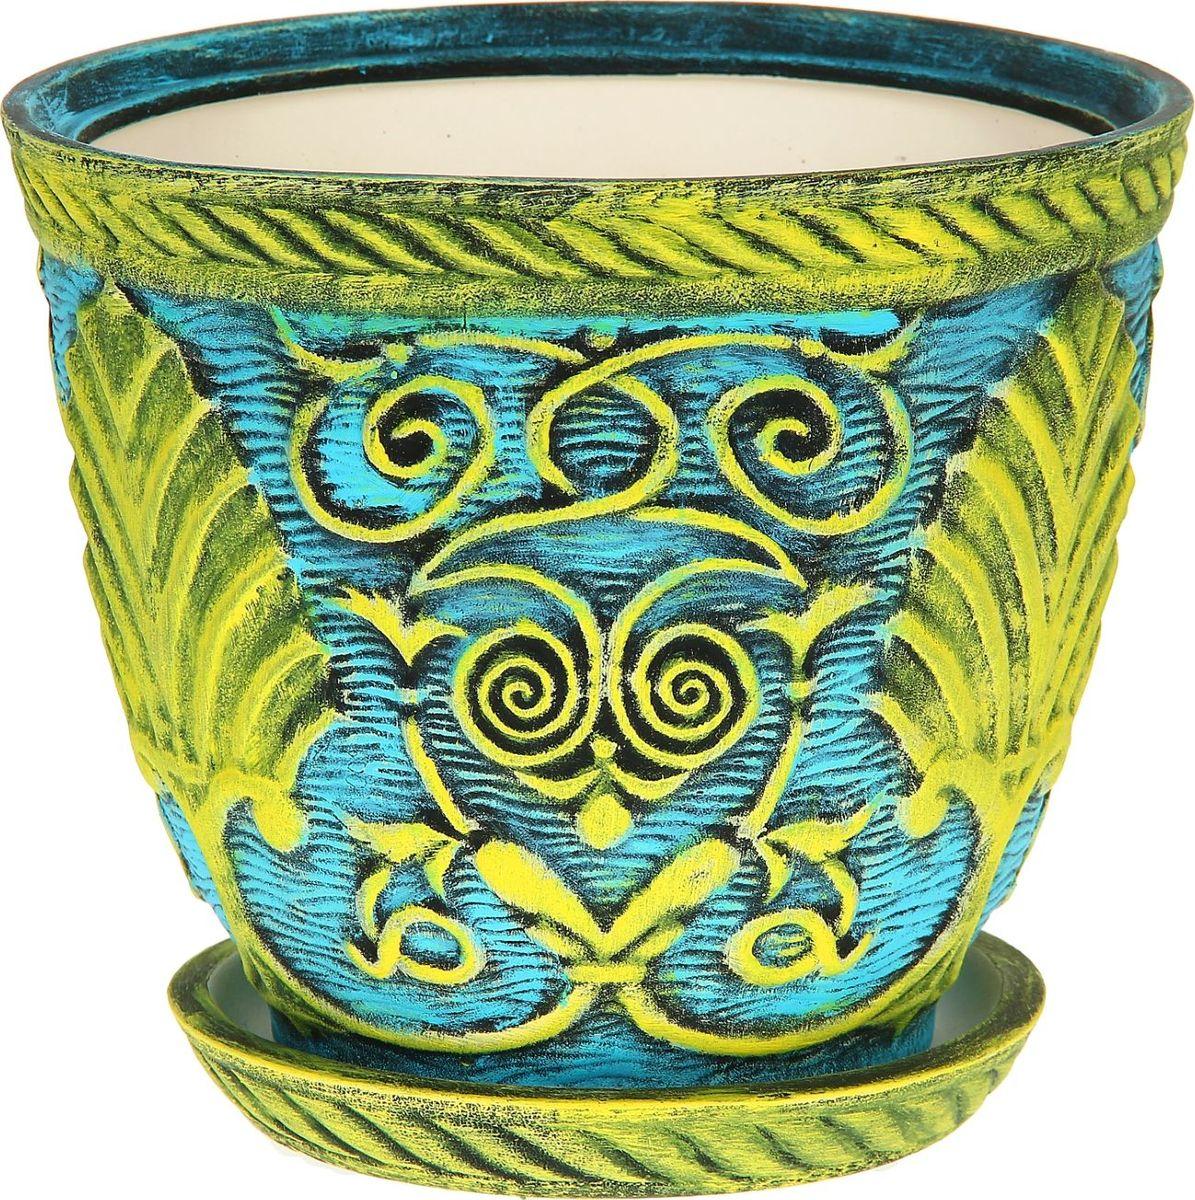 Кашпо Керамика ручной работы Славянское, цвет: желтый, голубой, 5 л1114314Комнатные растения — всеобщие любимцы. Они радуют глаз, насыщают помещение кислородом и украшают пространство. Каждому из них необходим свой удобный и красивый дом. Кашпо из керамики прекрасно подходят для высадки растений: за счёт пластичности глины и разных способов обработки существует великое множество форм и дизайновпористый материал позволяет испаряться лишней влагевоздух, необходимый для дыхания корней, проникает сквозь керамические стенки! #name# позаботится о зелёном питомце, освежит интерьер и подчеркнёт его стиль.